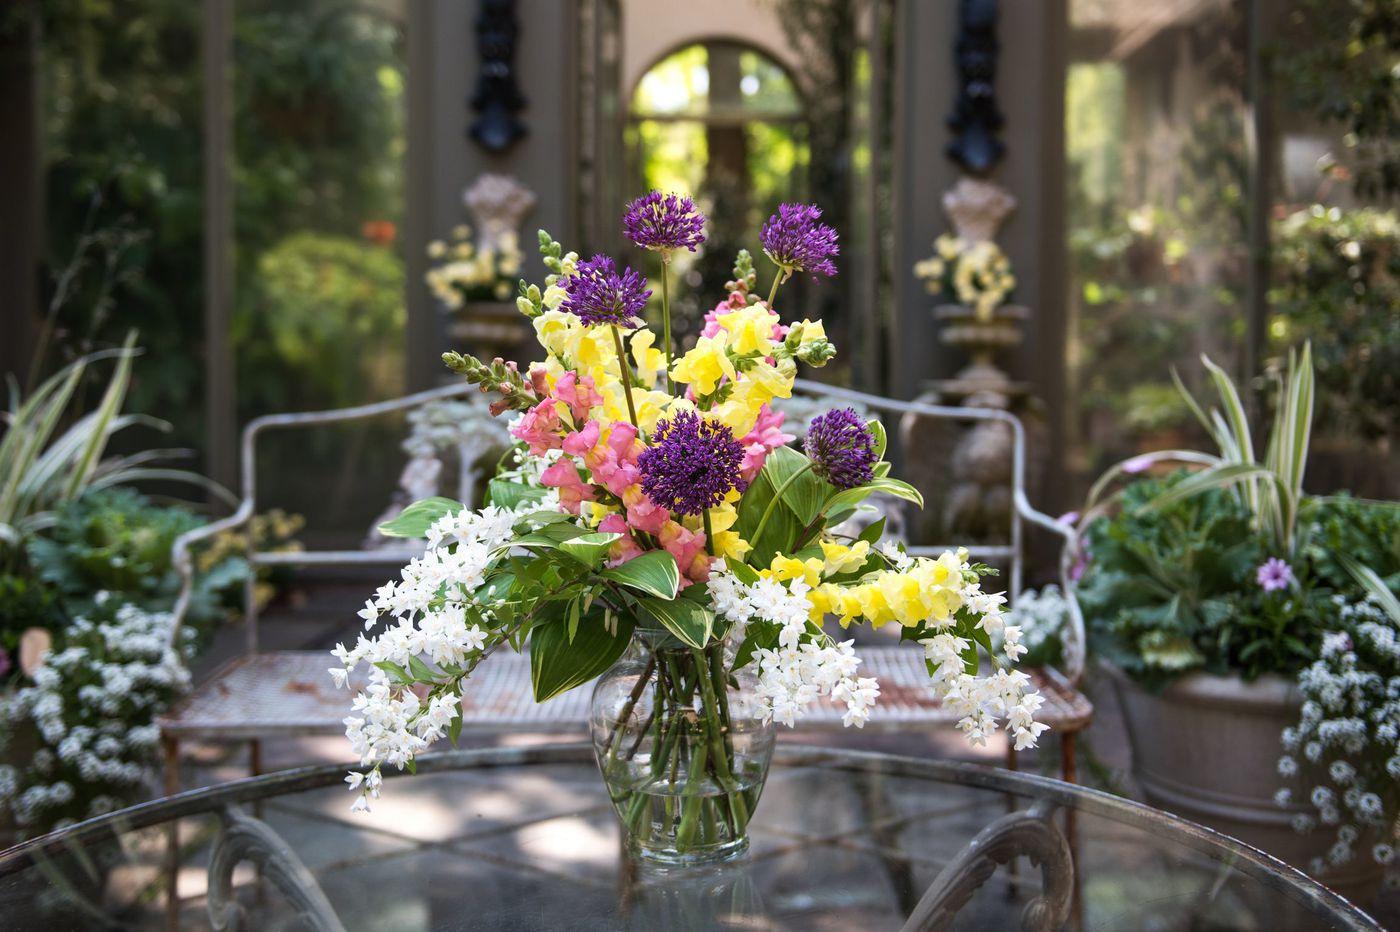 Flower Arrangement 101 How To Make A Bouquet From Backyard Flowers